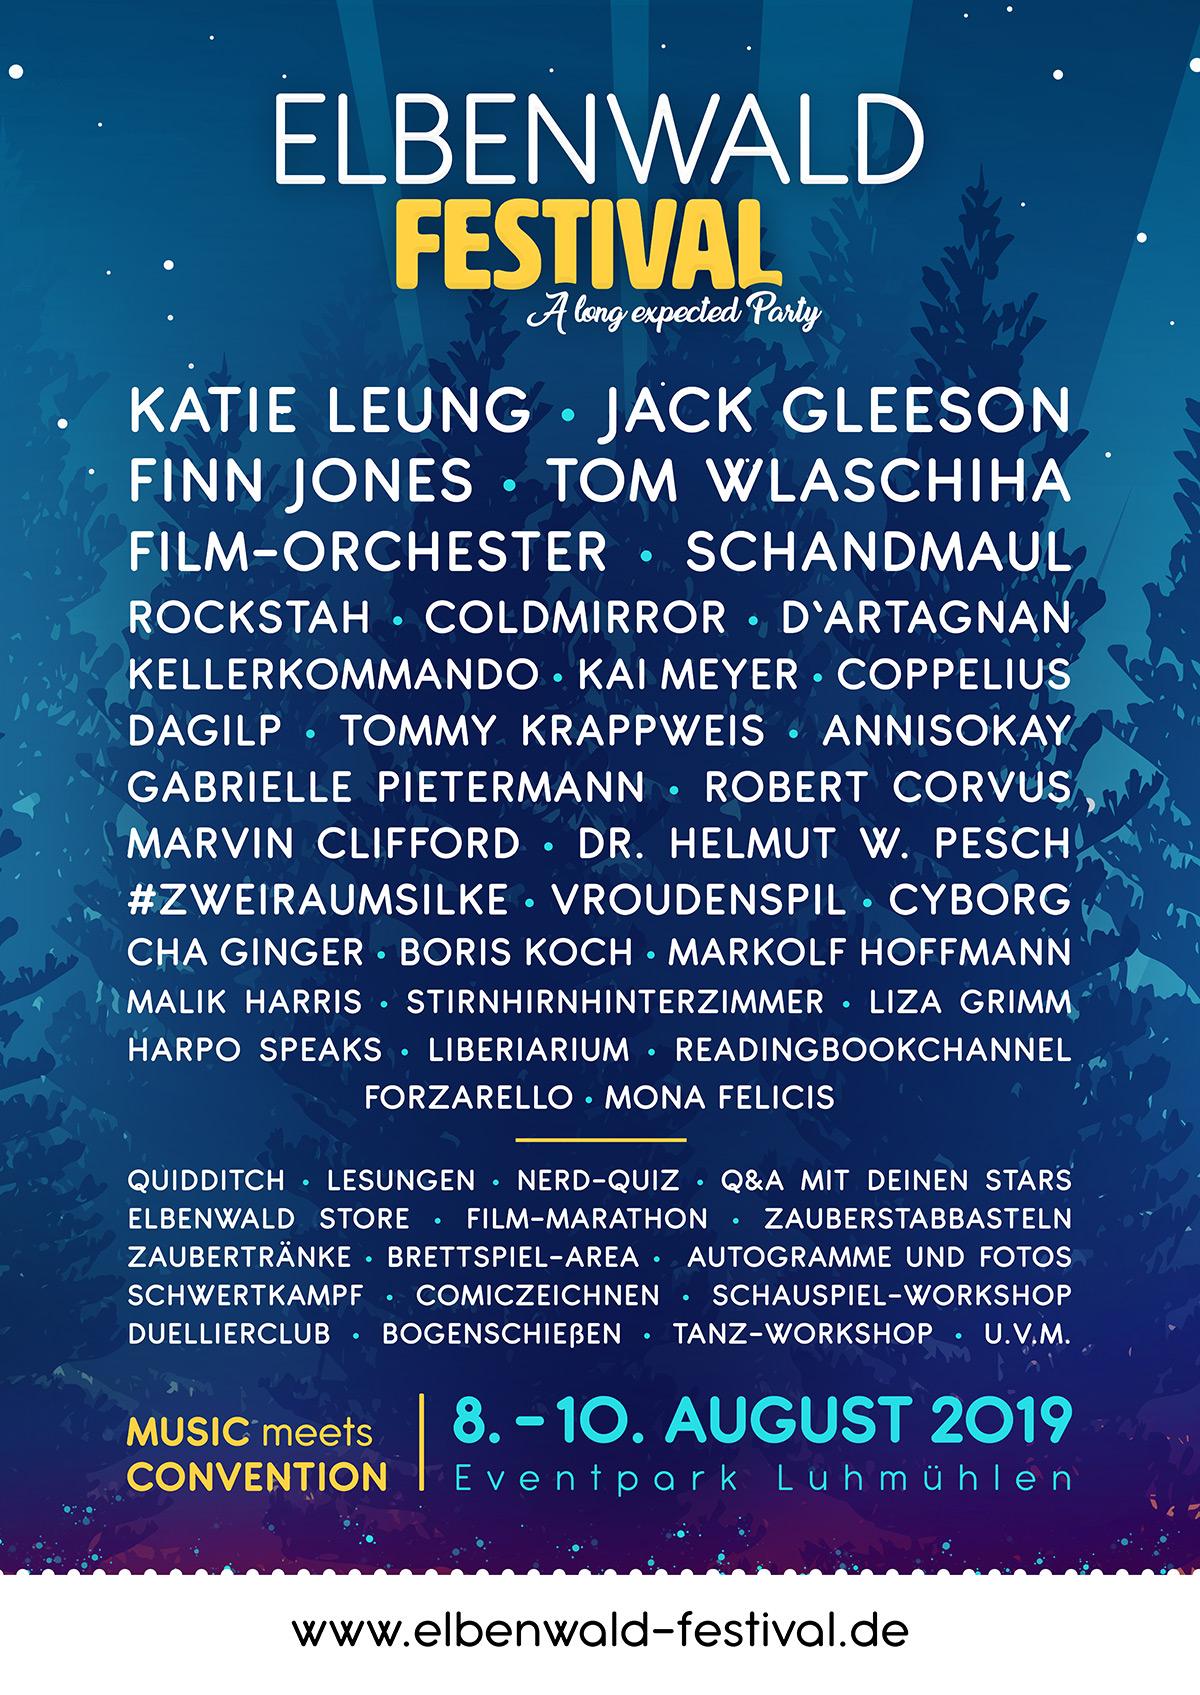 Elbenwald Festival Line-up 2019